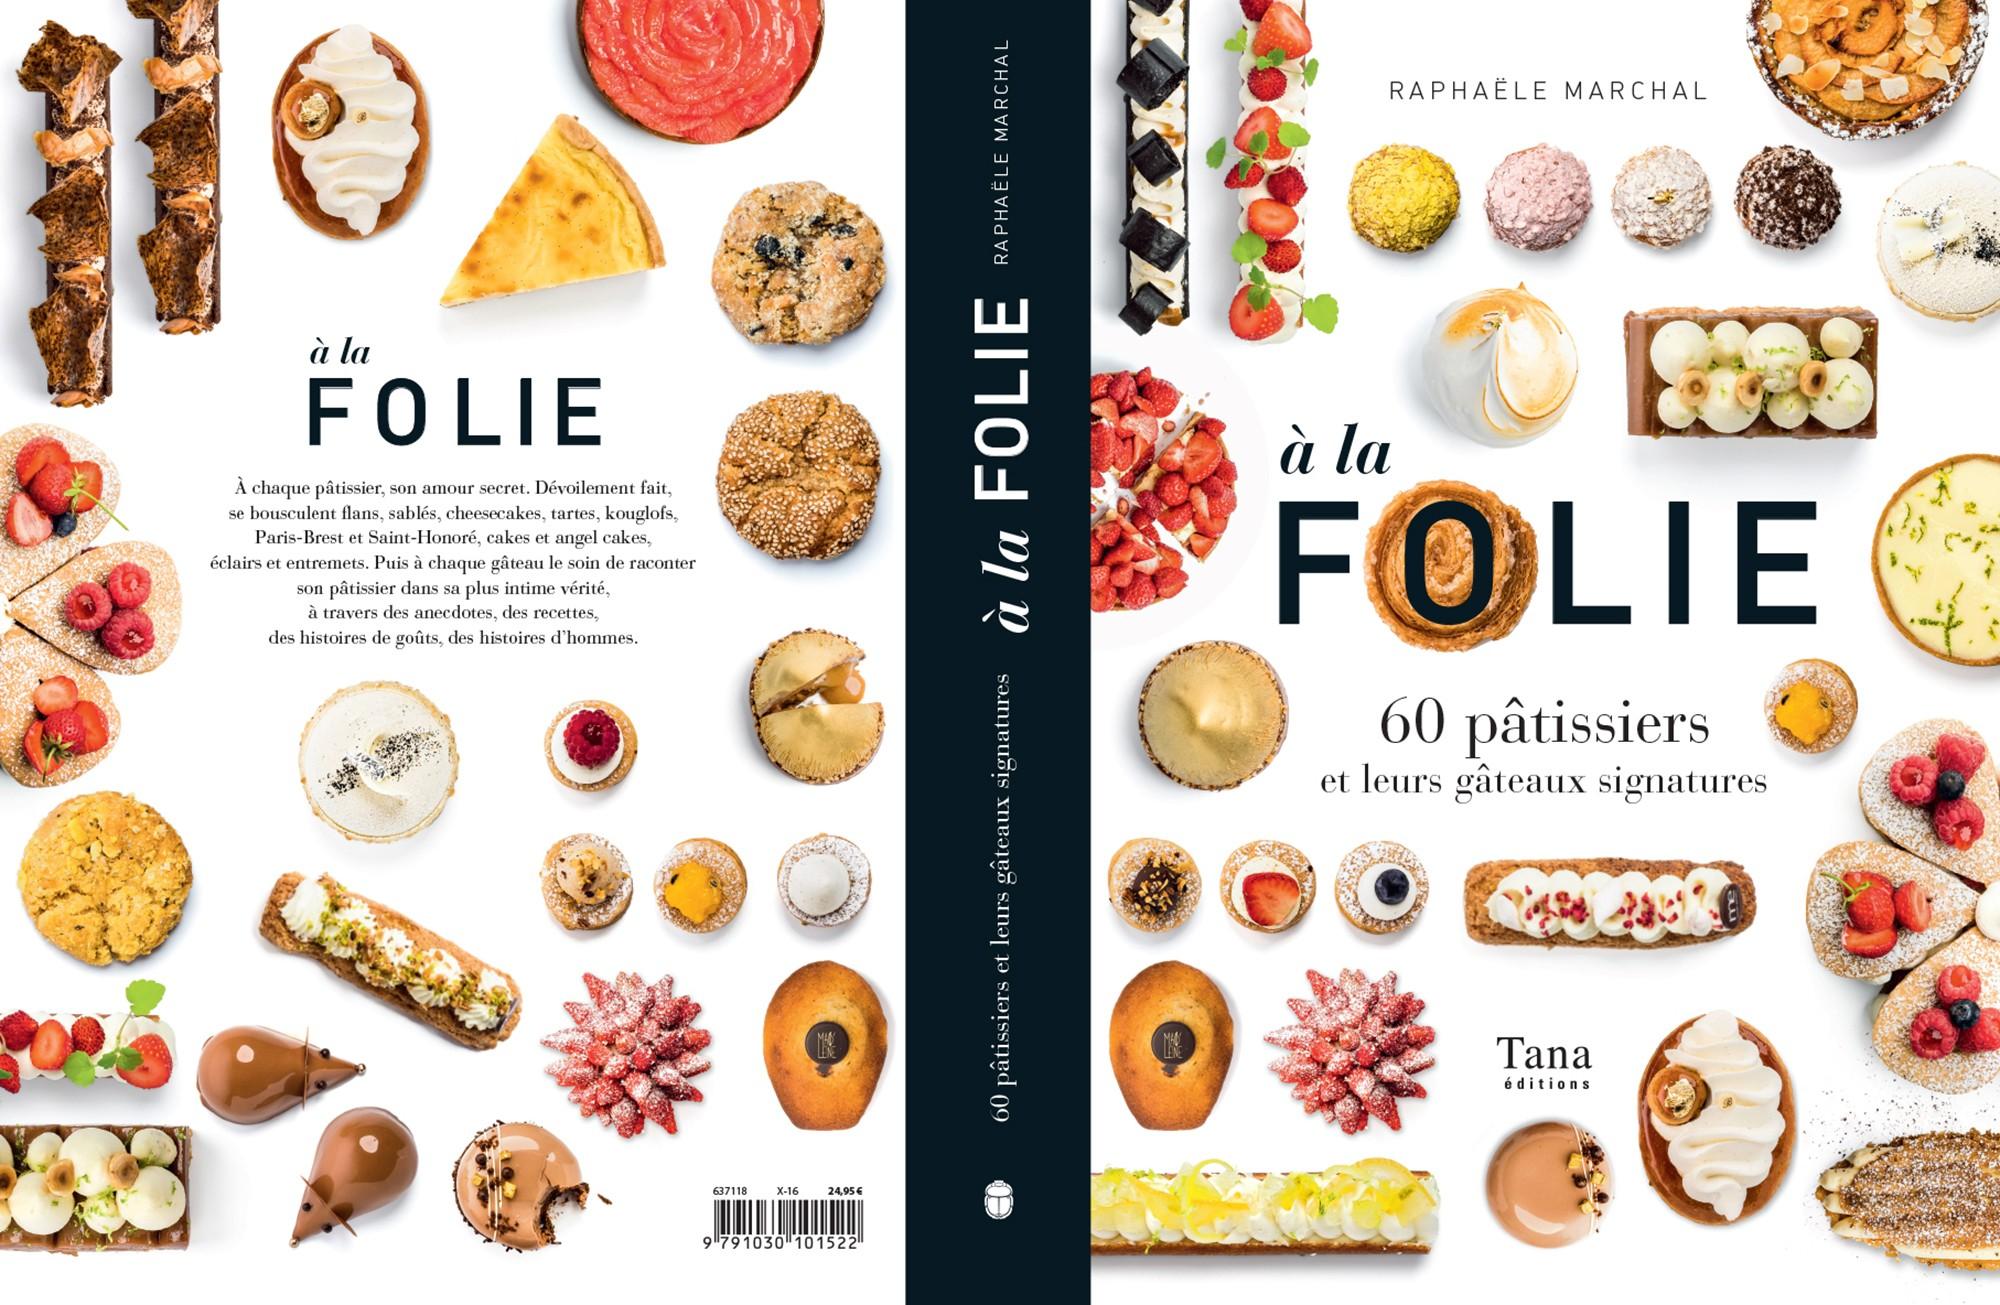 Raphaële Marchal A La Folie Book